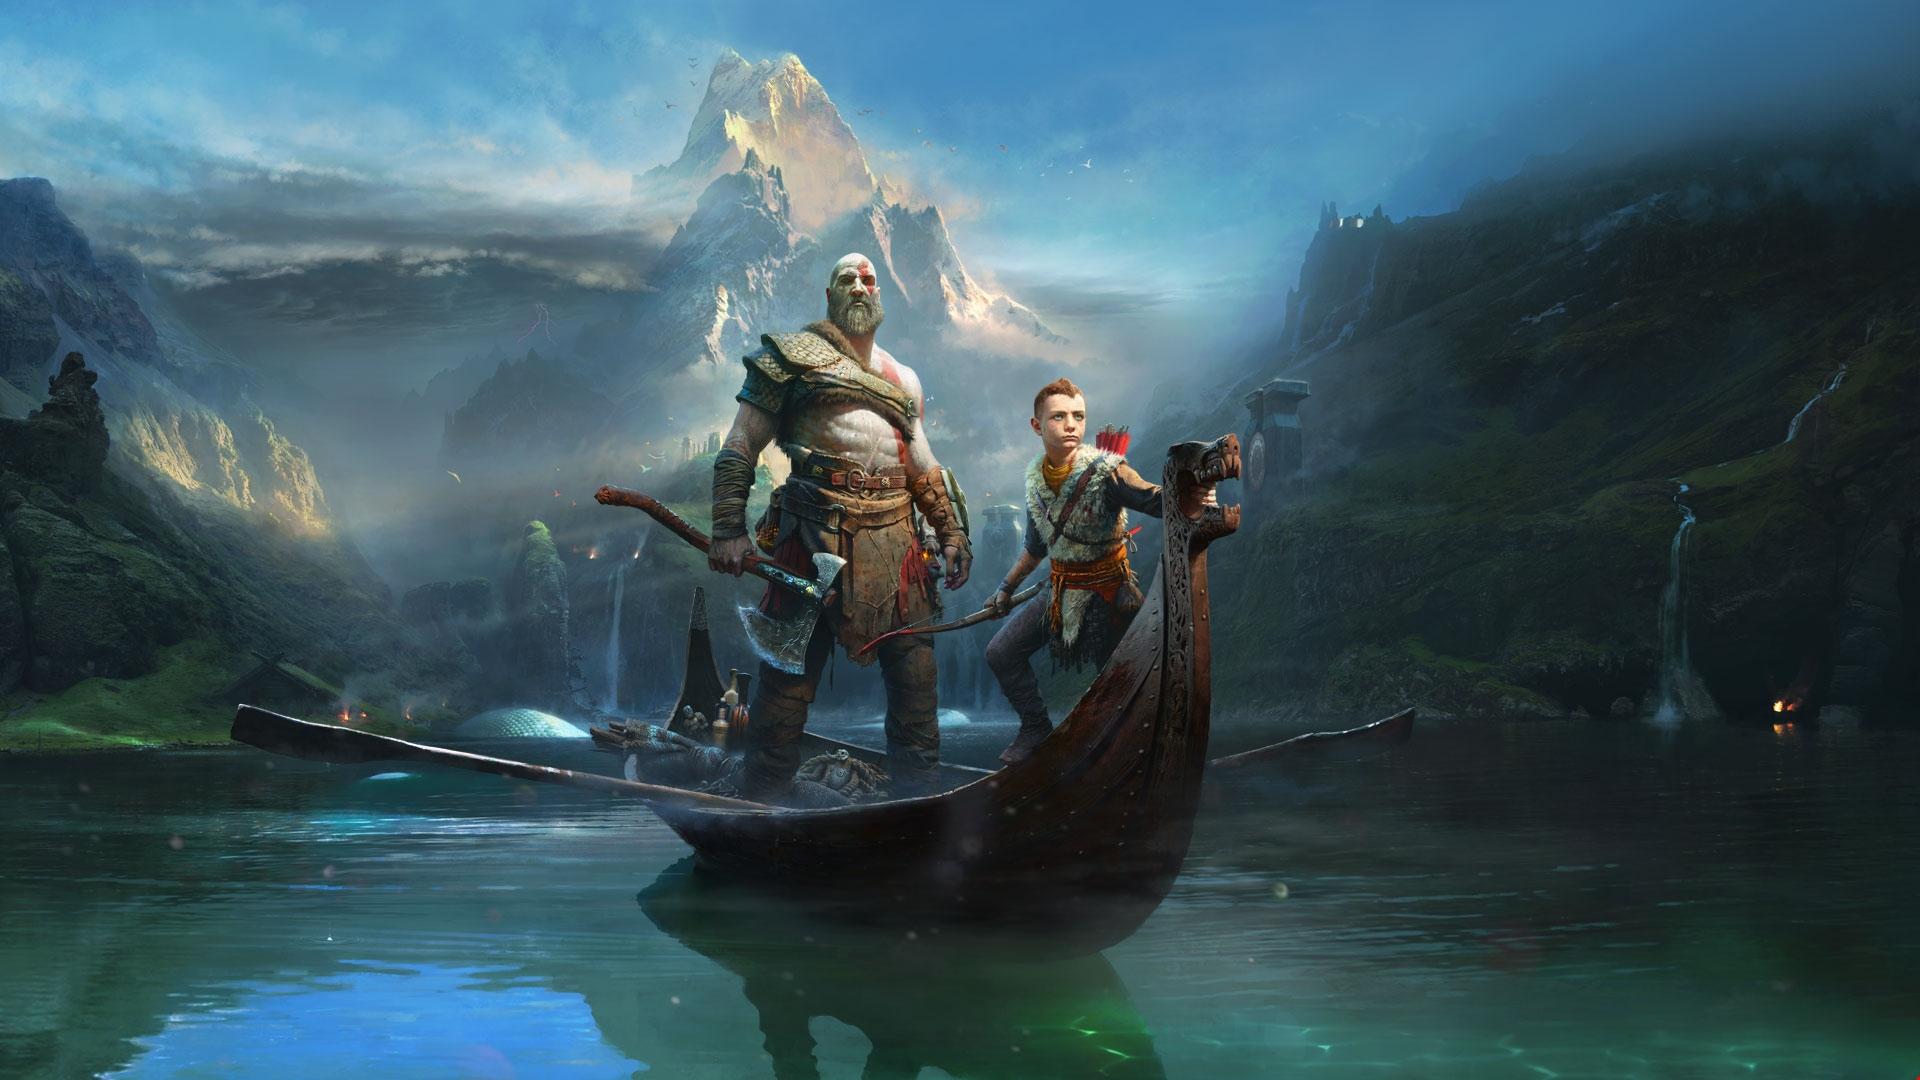 God Of War Kratos And Atreus Animated Wallpaper